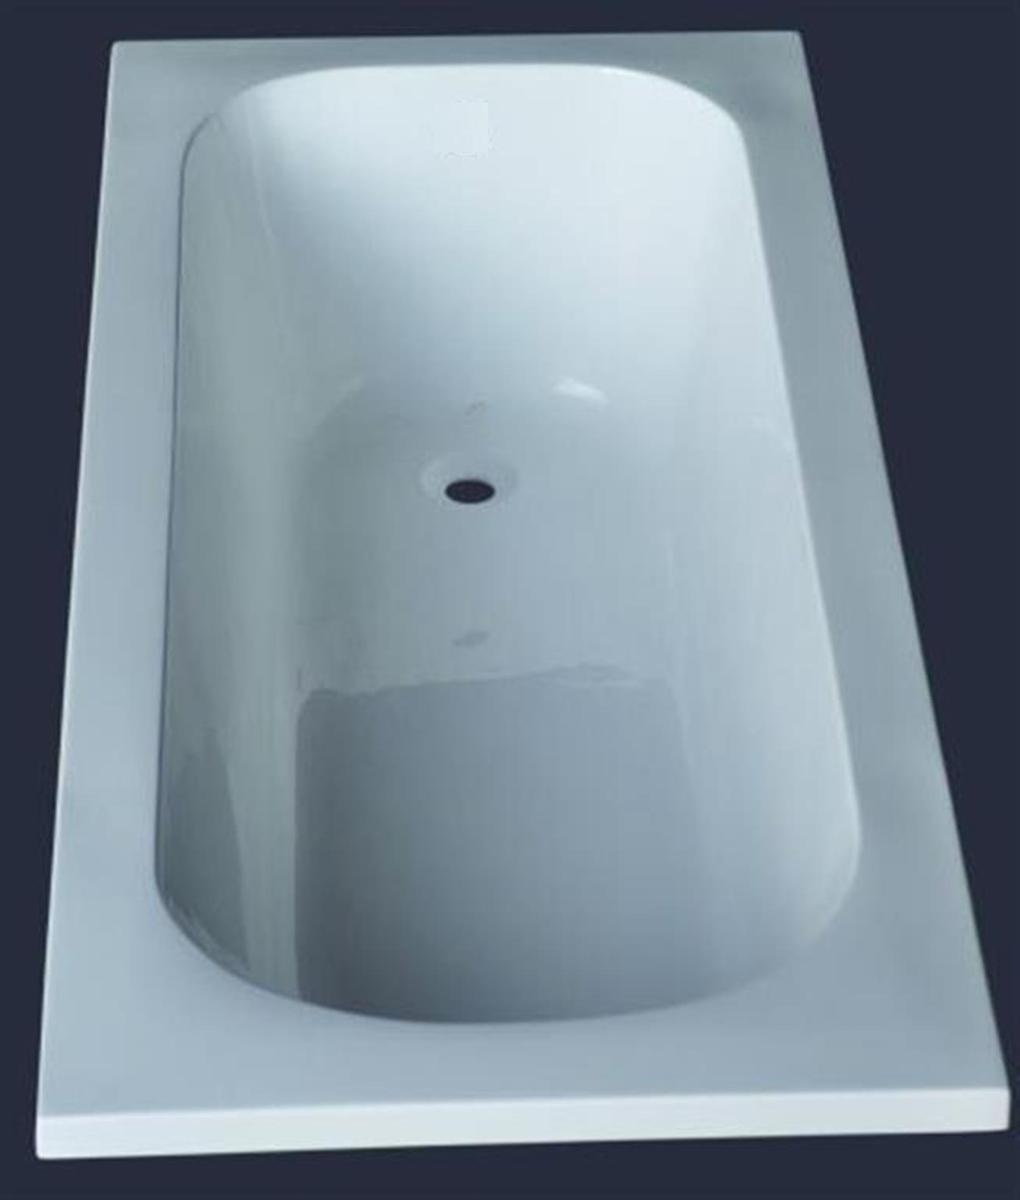 1400mm Acrylic Bath Tub Small Drop In Inset Design 1400